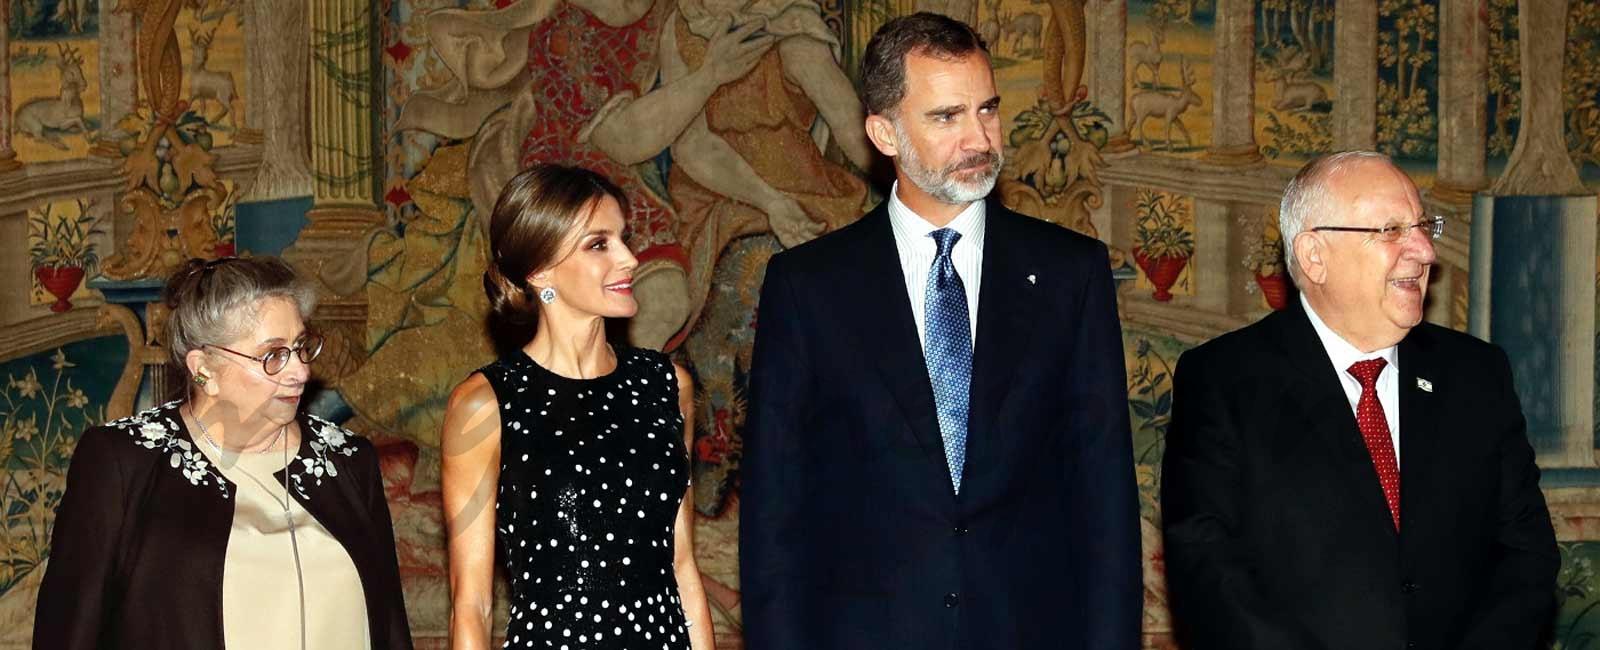 Recepción en El Pardo en honor a los Reyes Felipe y Letizia